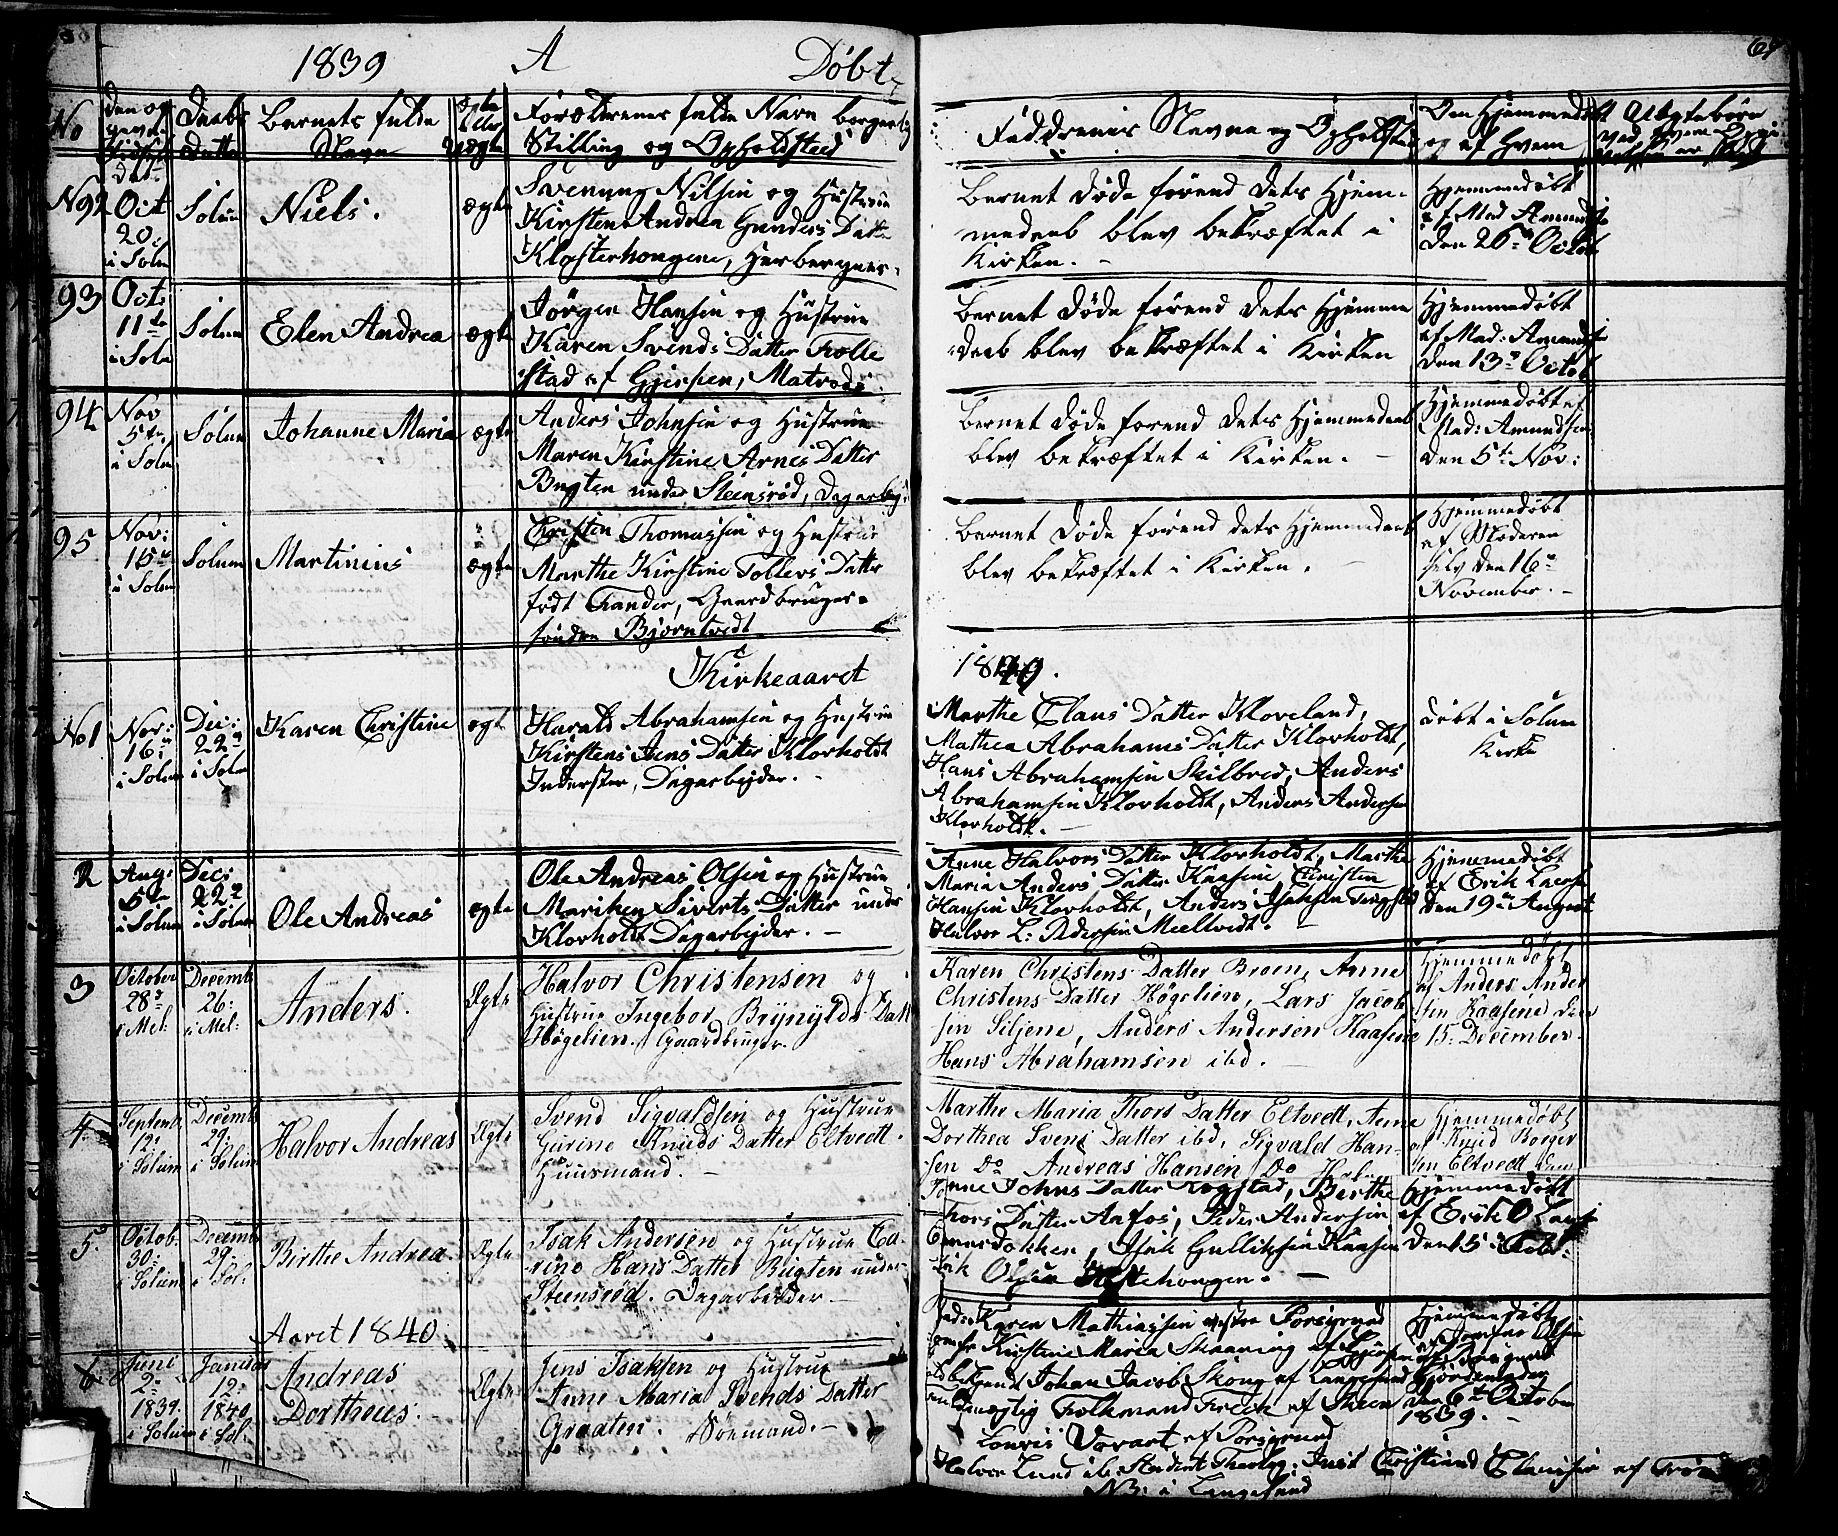 SAKO, Solum kirkebøker, G/Ga/L0002: Klokkerbok nr. I 2, 1834-1848, s. 67